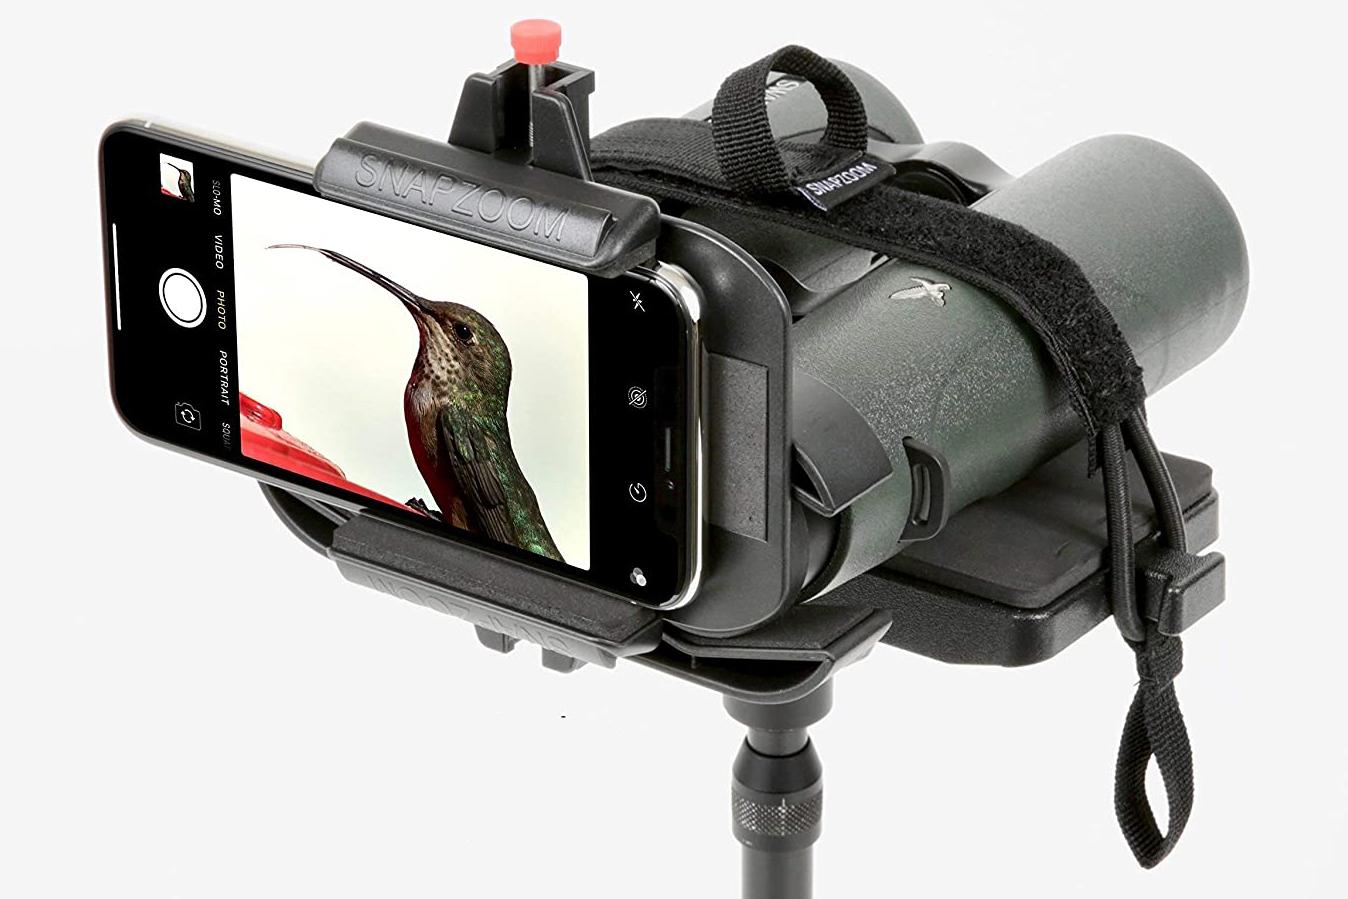 Snapzoom Digiscope